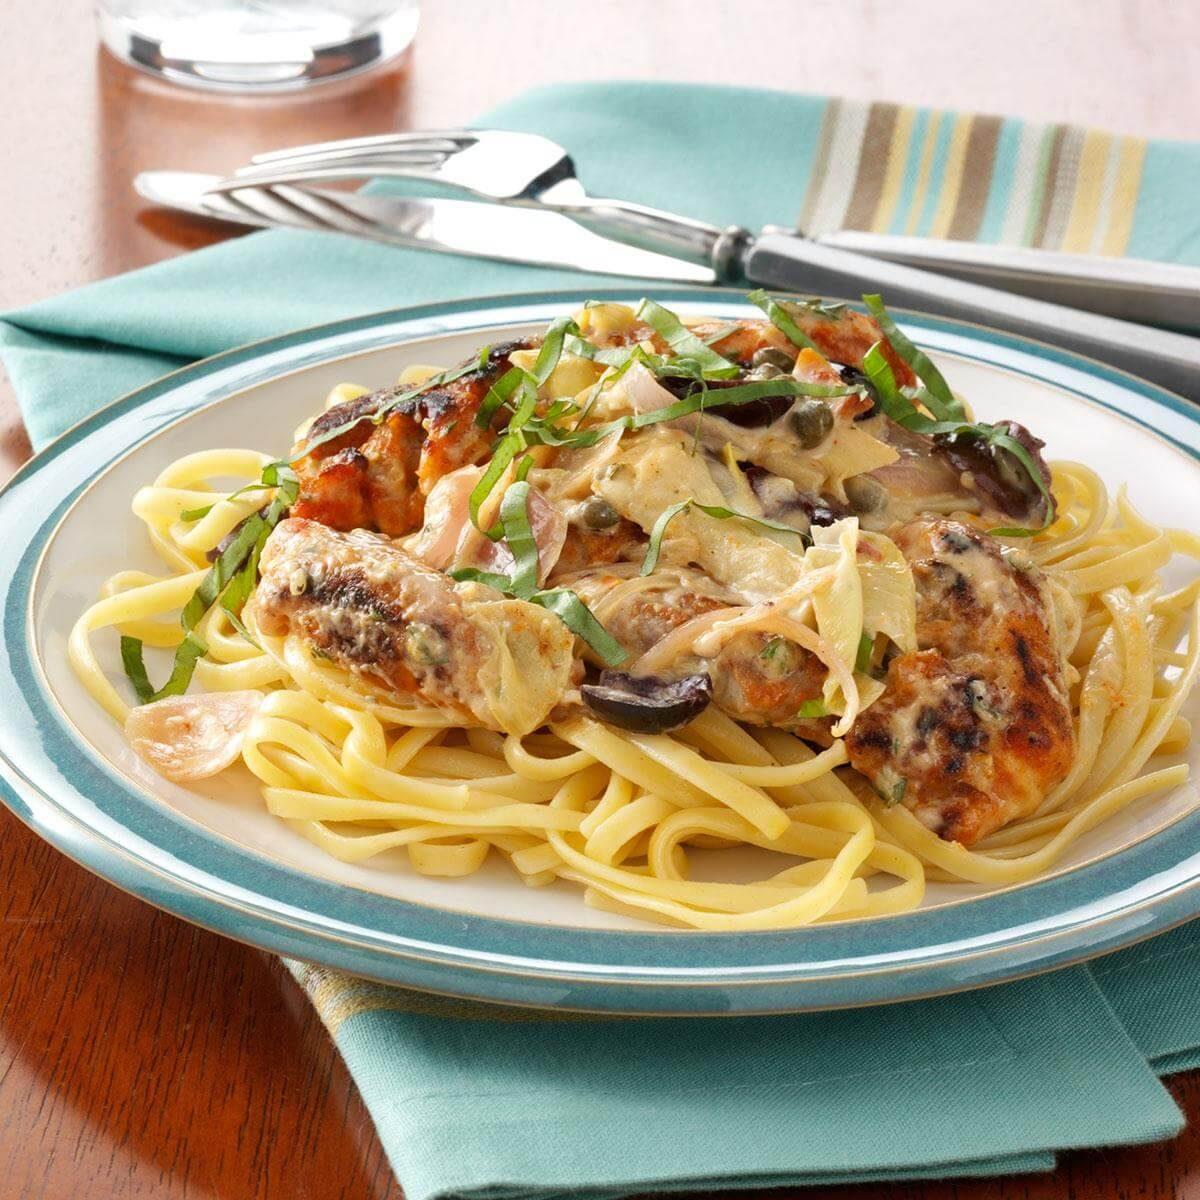 Mediterranean Chicken In Creamy Herb Sauce Recipe